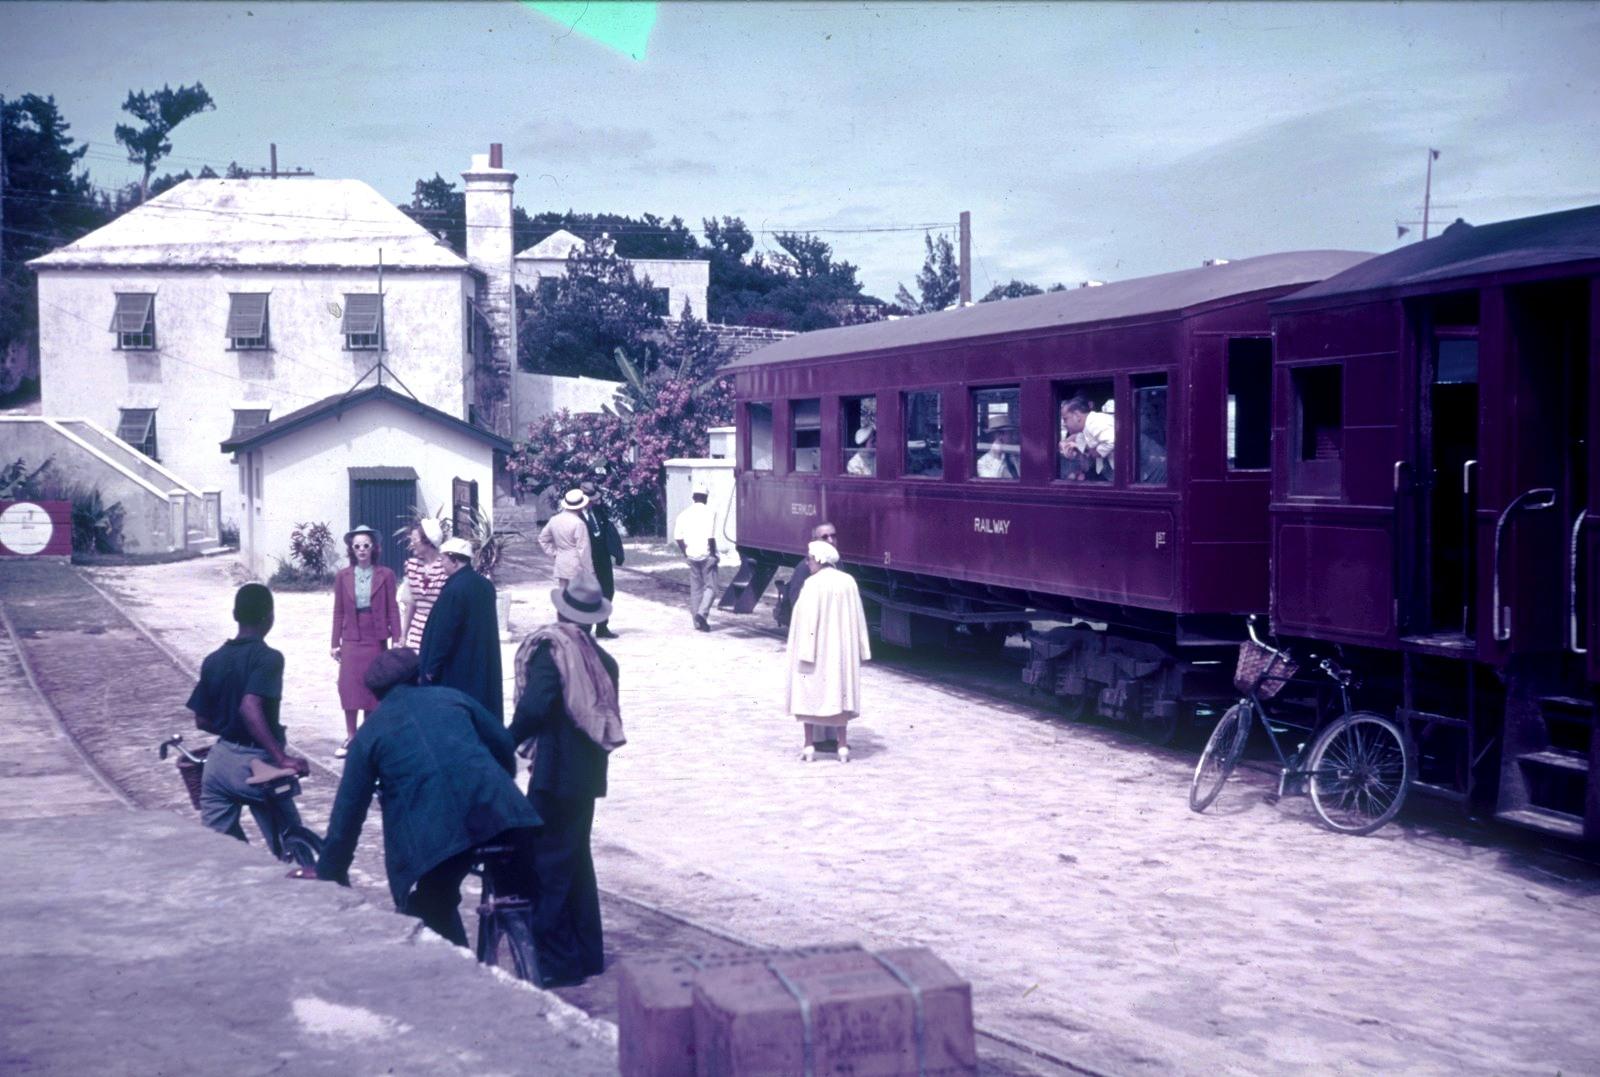 Бермудские острова.  Гамильтон. Платформа поезда на Бермудской железной дороге. Вид на дом с цветущим олеандром